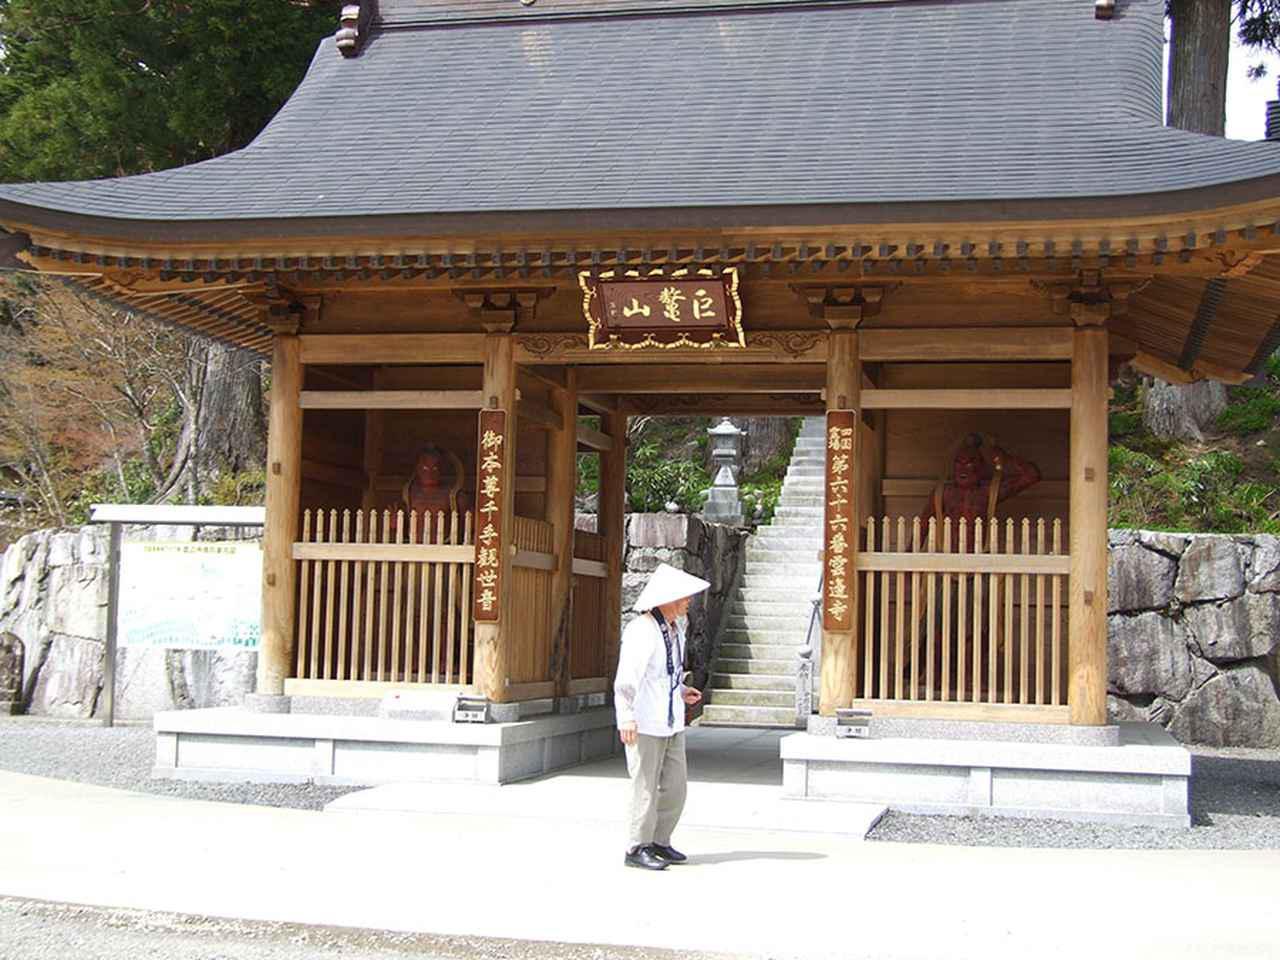 画像: 66番札所・雲辺寺は四国で一番最も高いところにある霊場。ロープウェイを利用して行くのだが、その長さも全長約2600mと、日本でも最大級の規模を誇る。